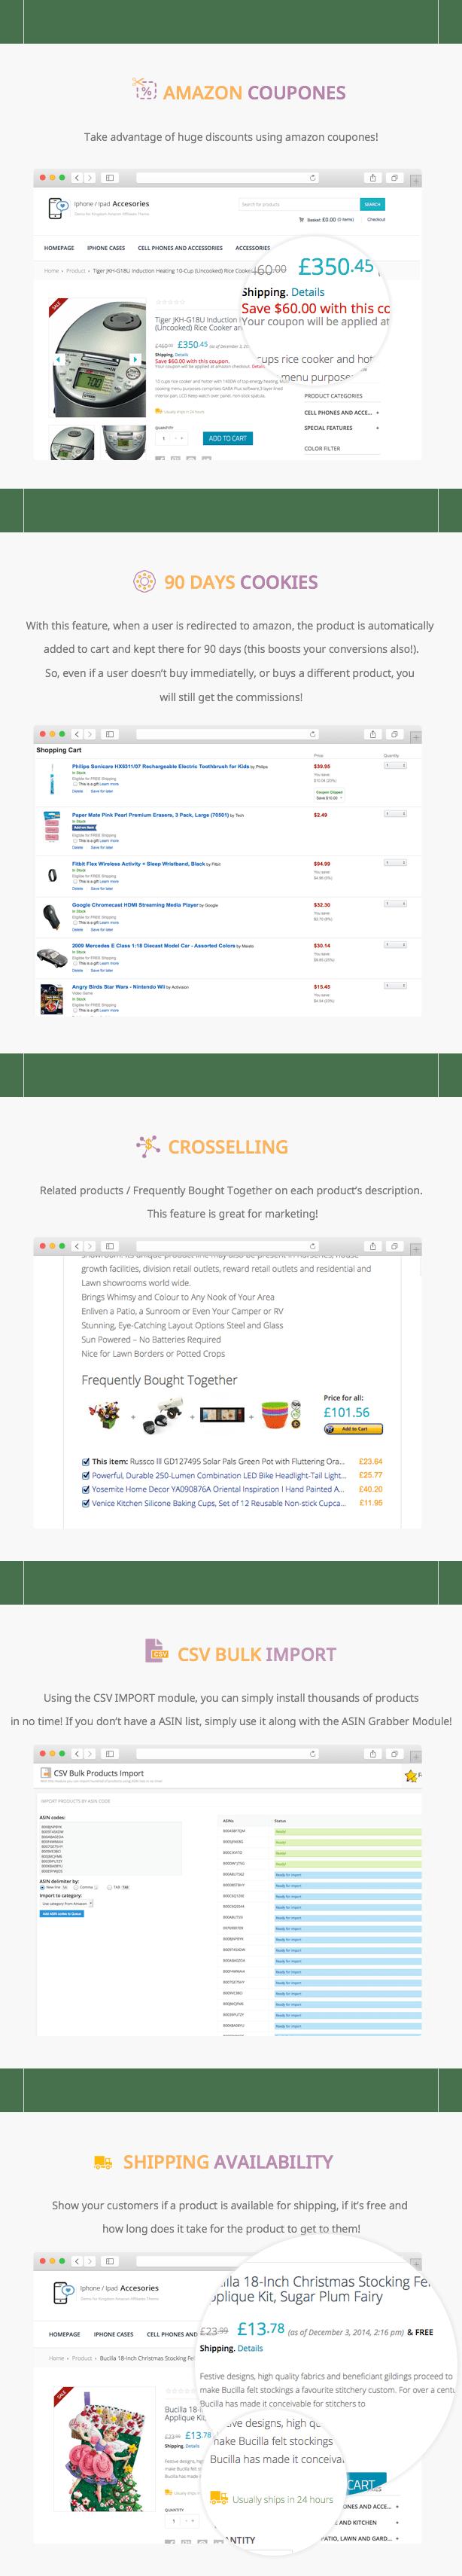 WooCommerce Amazon Affiliates - WordPress Plugin - 50